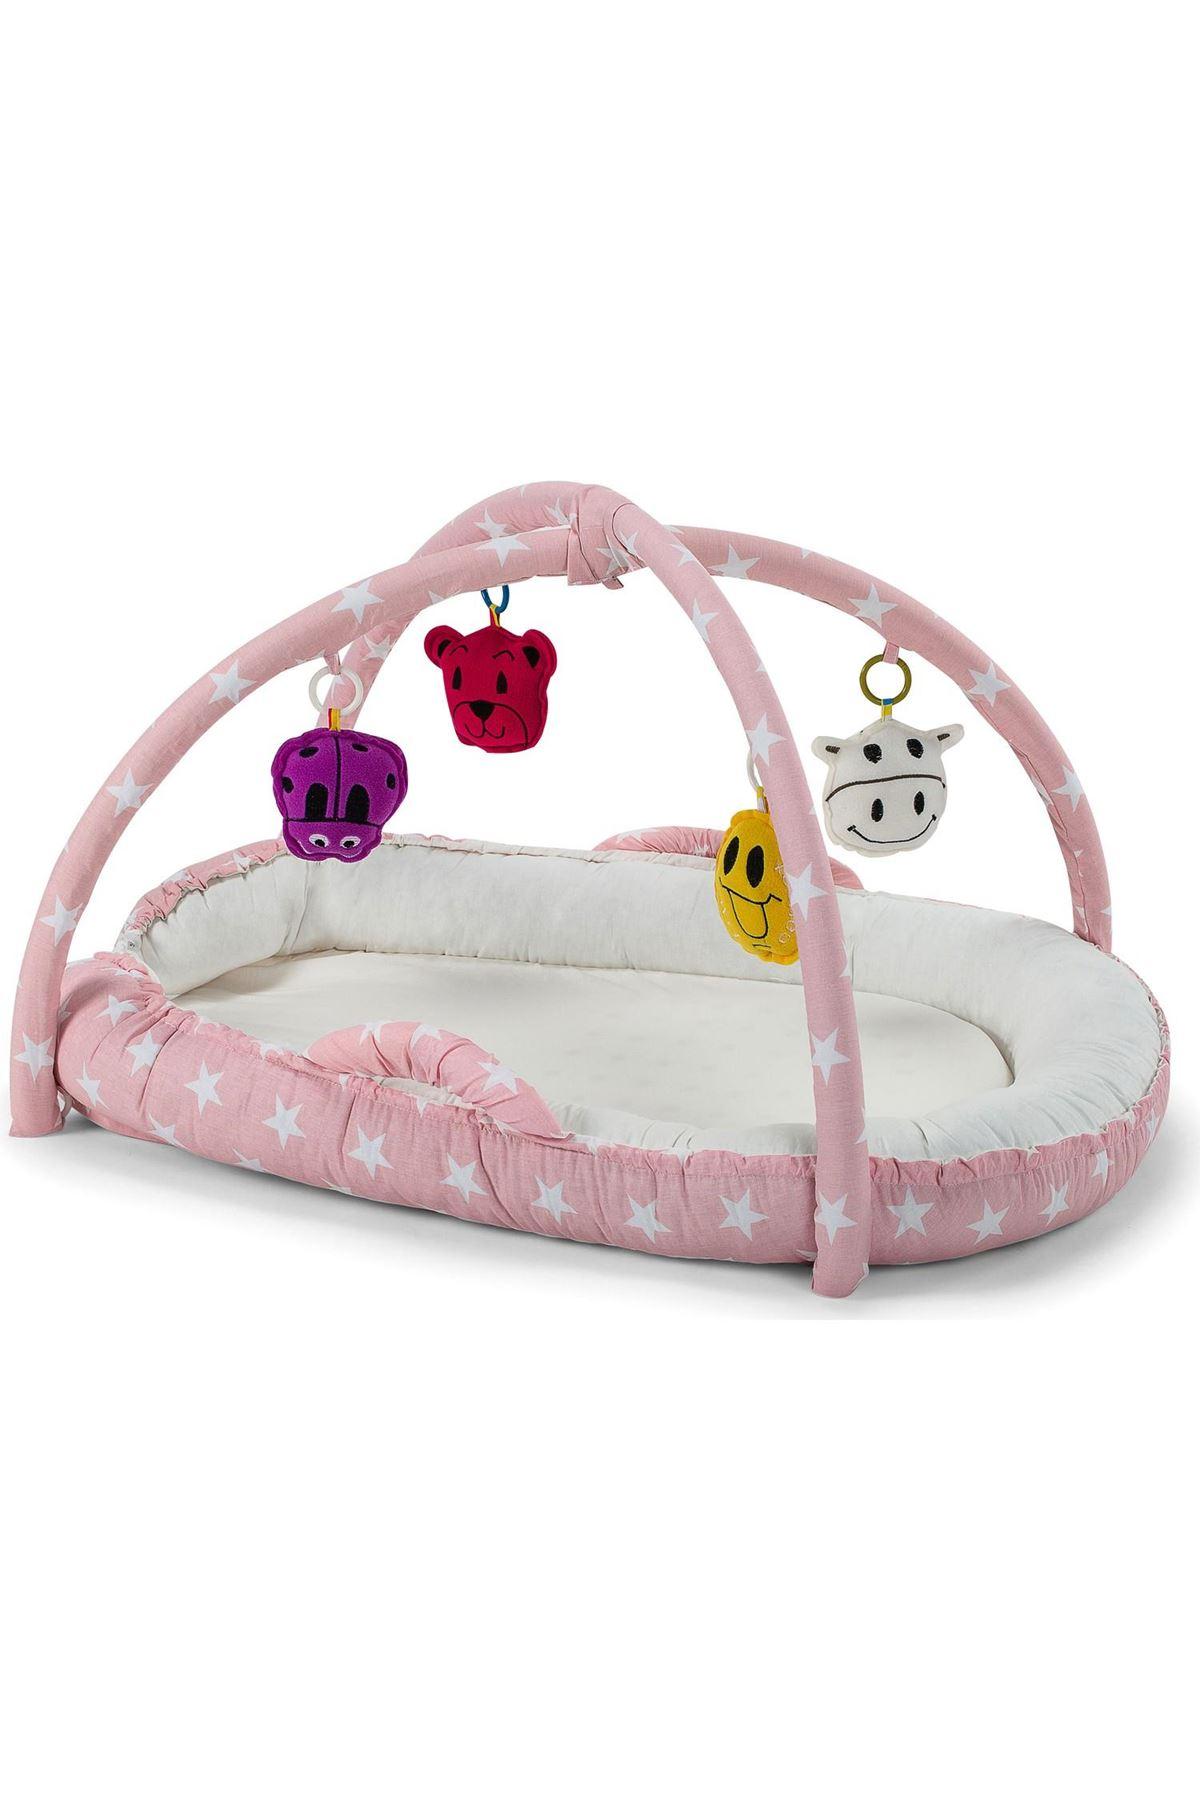 Moje Eğlenceli Uyku Yatağı Pembe Yıldız